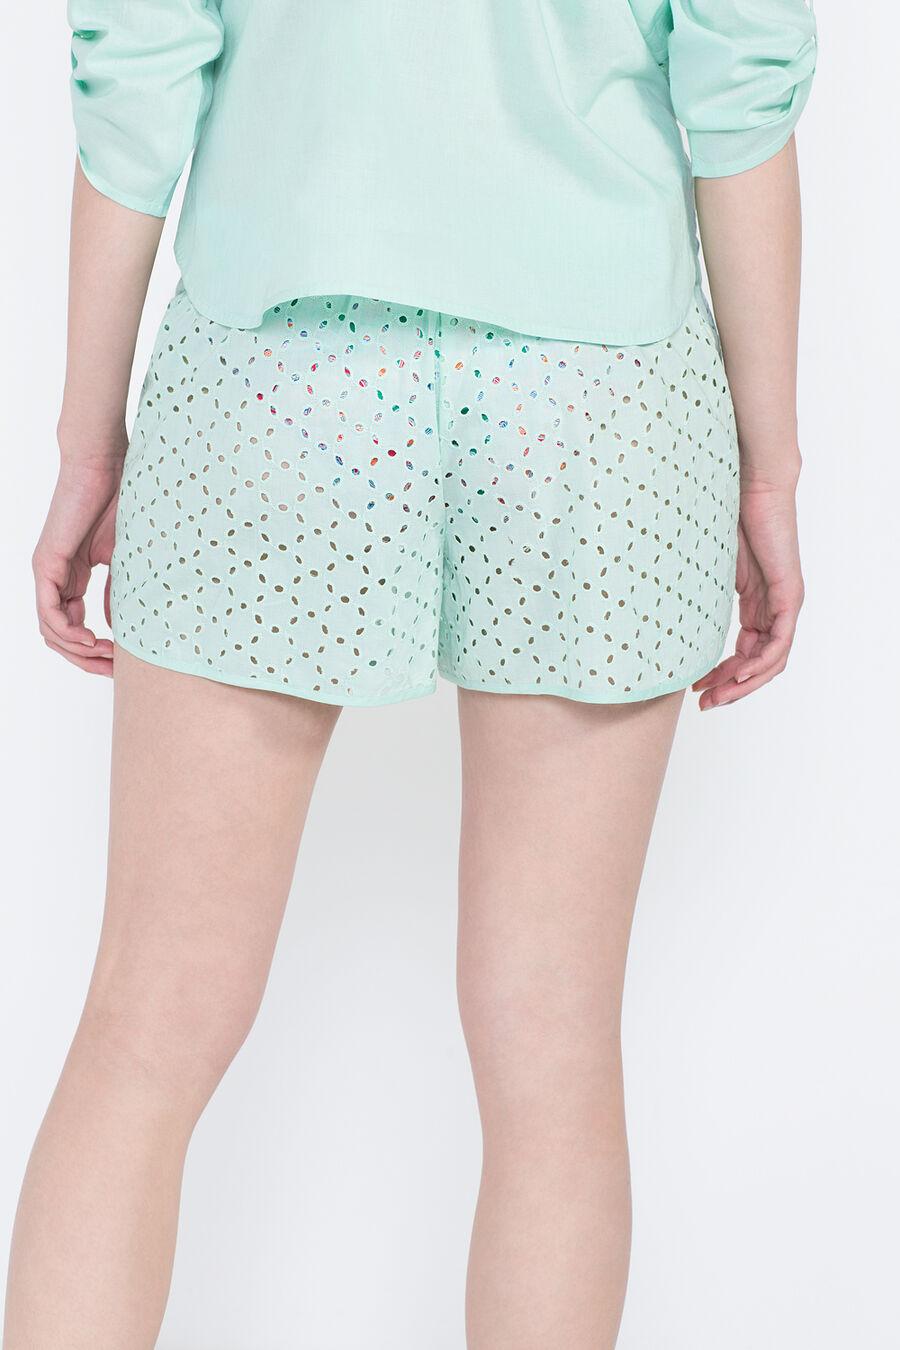 Sangalo shorts